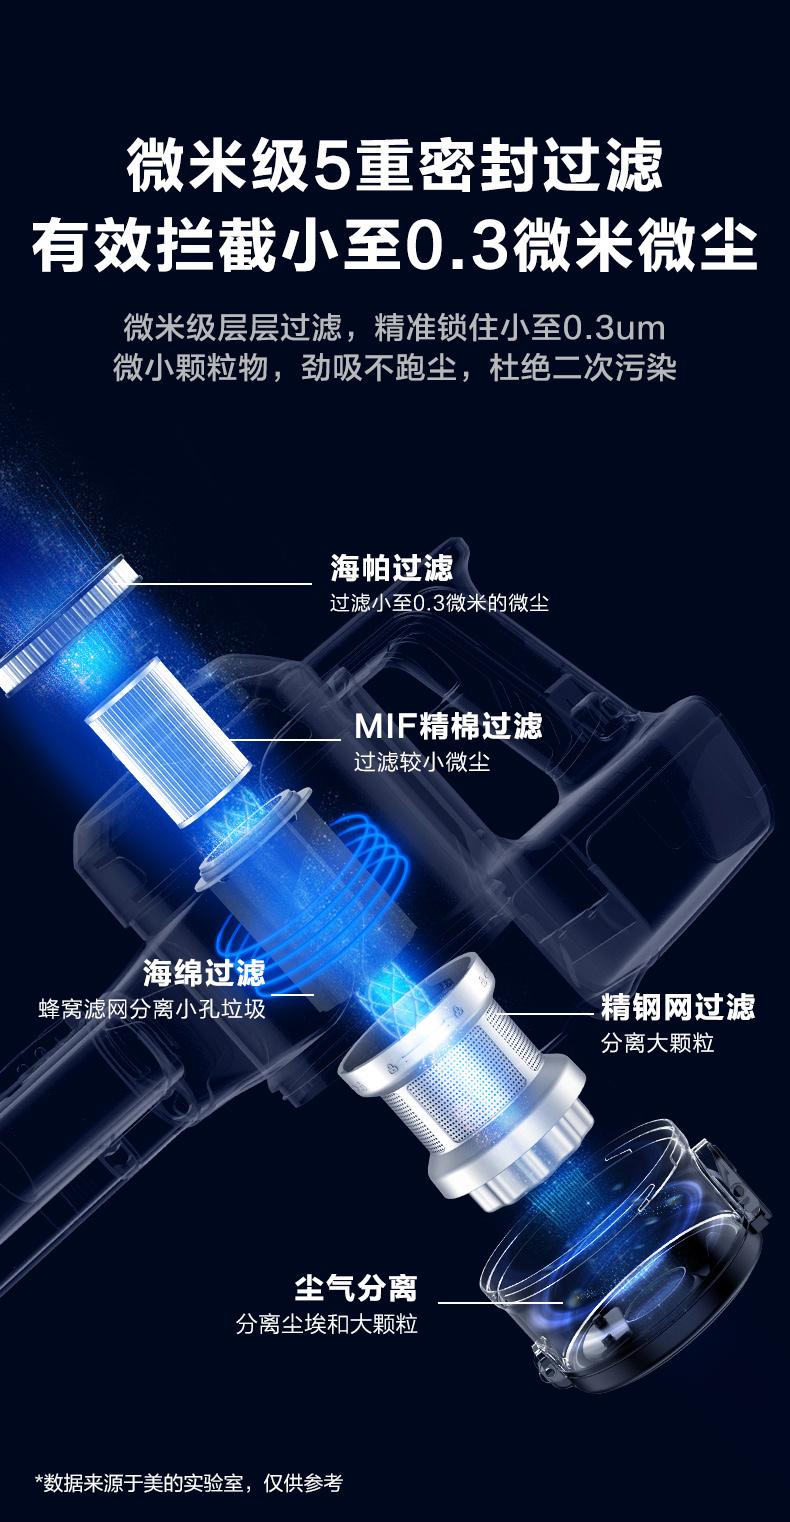 美的P5S 无线手持吸尘器家用 LED大屏数显 双电机大功率 99.99%深度除螨仪 车载无绳 配壁挂式充电架